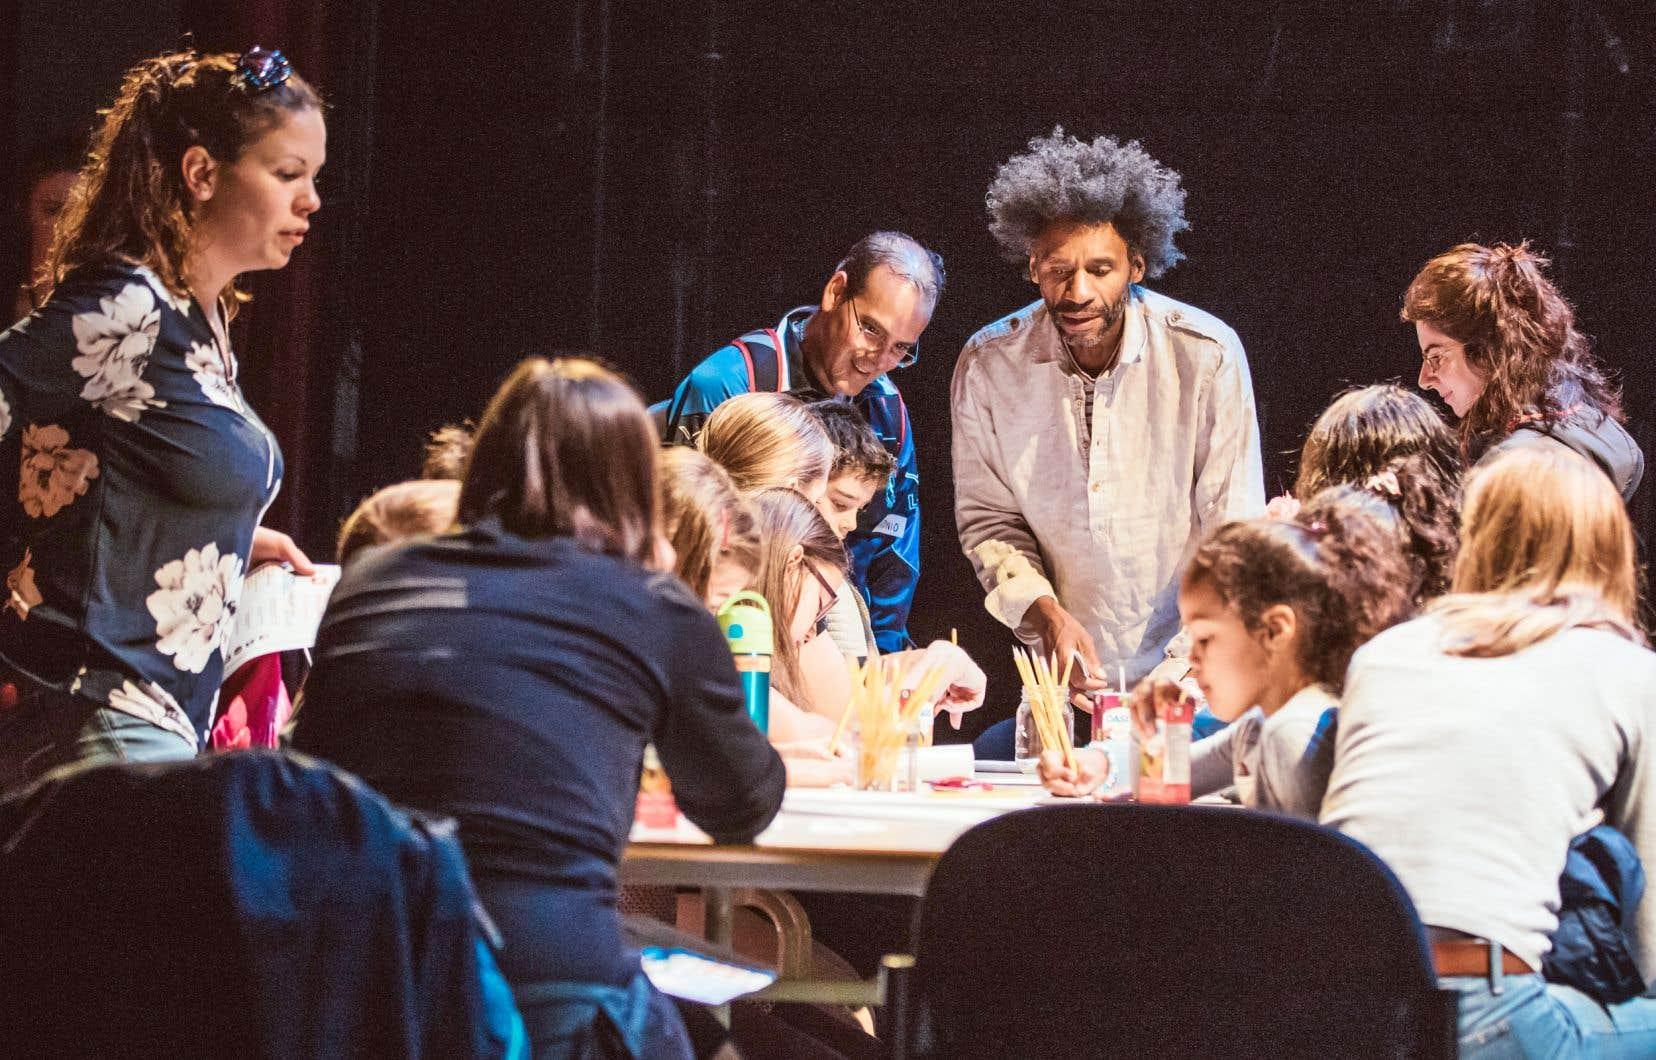 Des élèves participaient à la journée Les mots parleurs, une activité spéciale axée sur l'écriture et tenue en septembre dernier à la Maison Théâtre de Montréal.